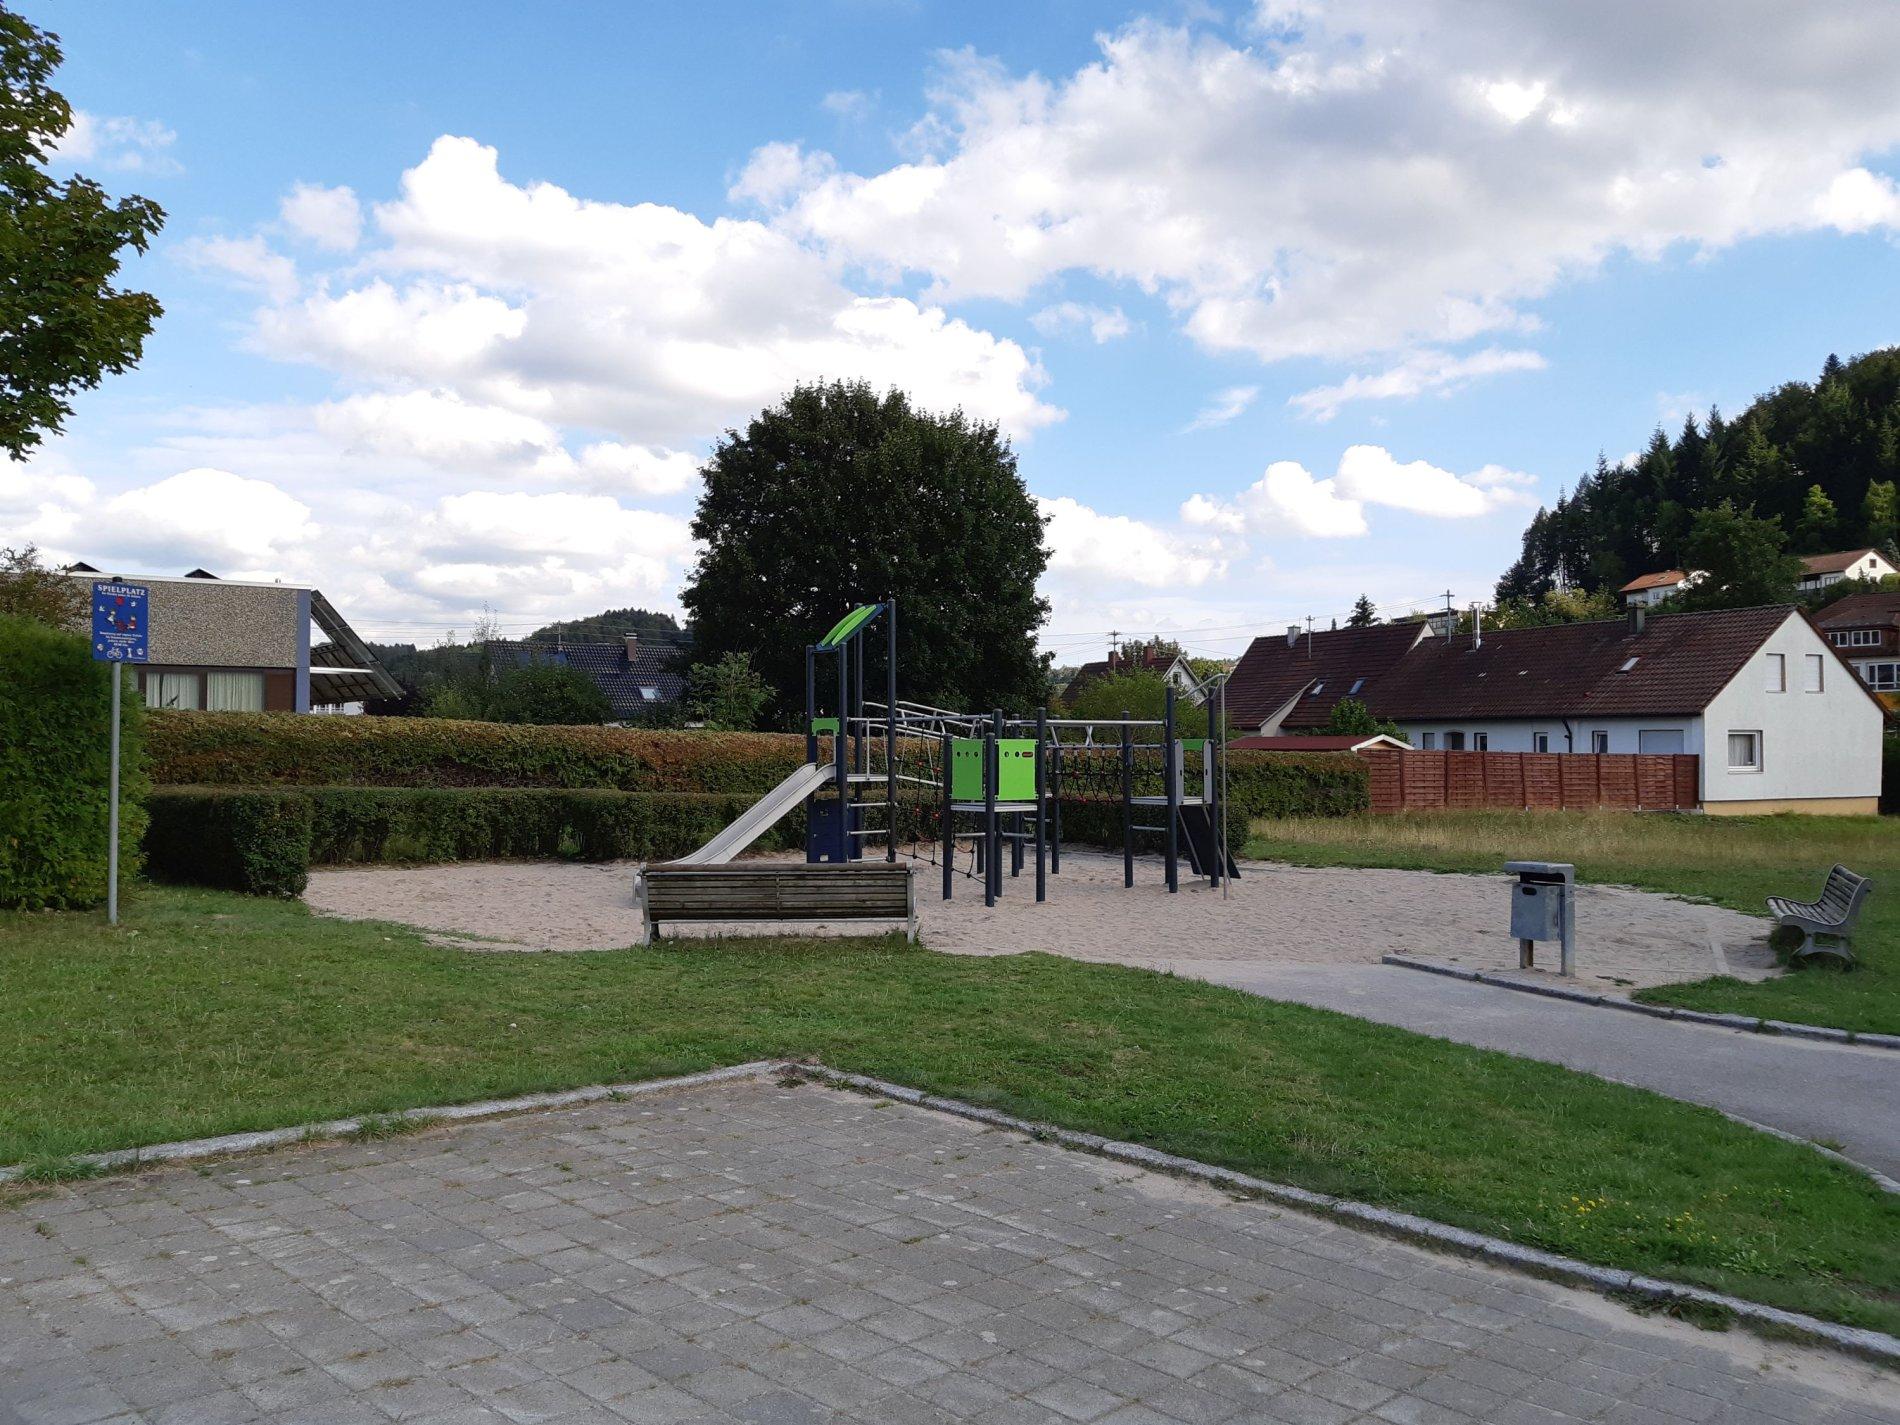 Spielplatz an der Tennishalle - Viel Spaß beim Spielen!